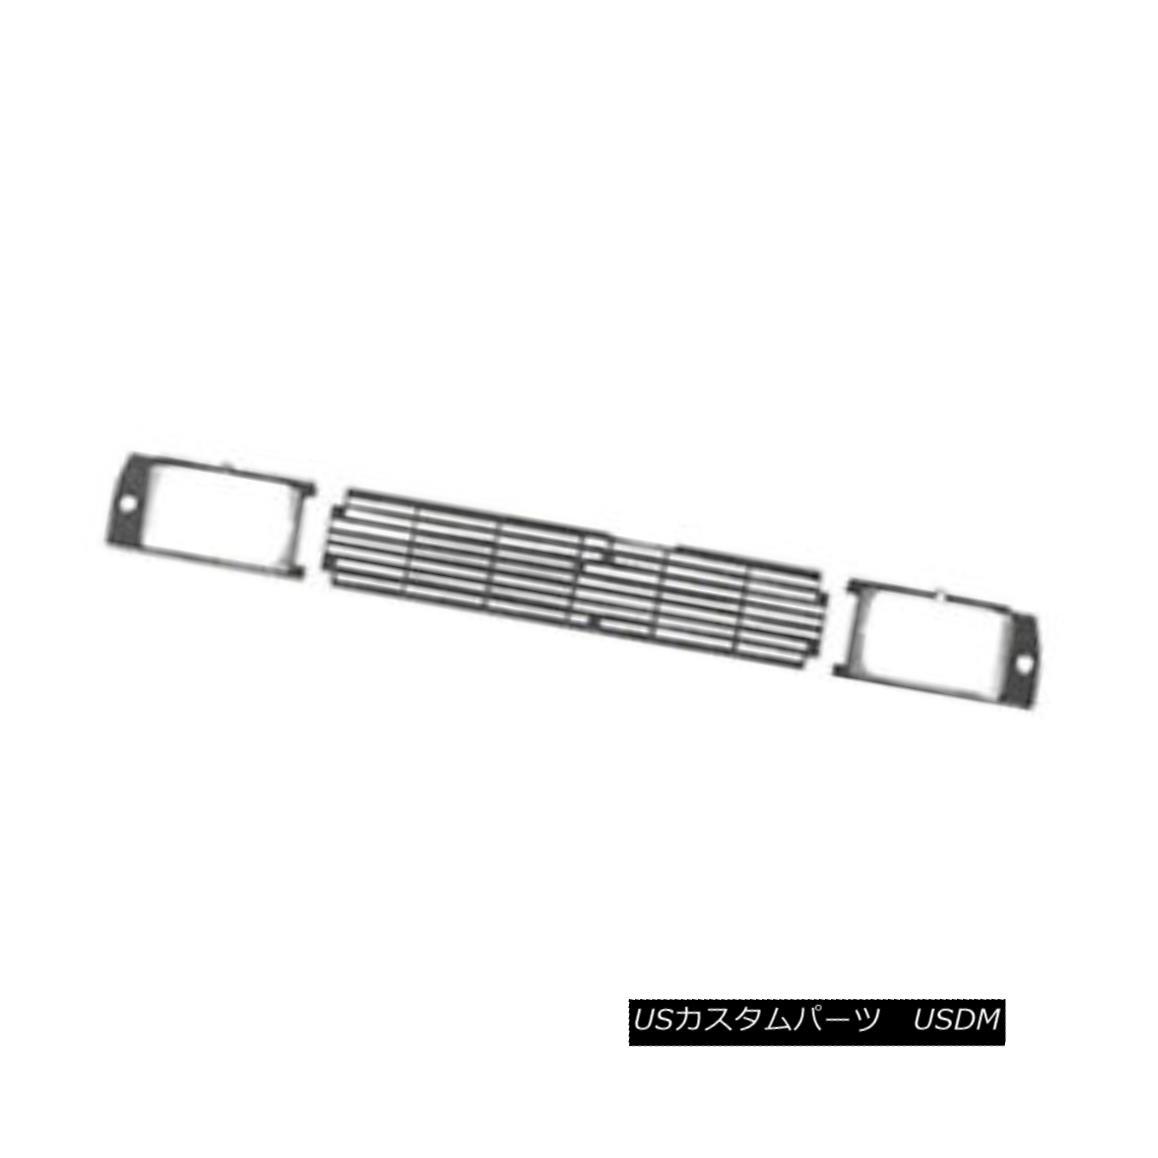 グリル New Replacement Headlight Door Chrome Driver Side for 4 wheel drive 630-50080CL 4輪駆動630-50080CLのための新しい交換ヘッドライトドアのクロームドライバ側